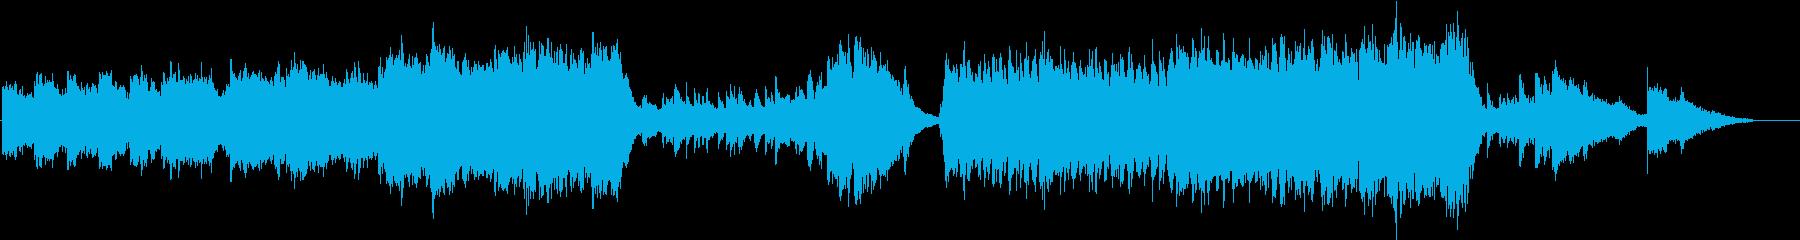 ピアノが印象的なファンタジー音楽の再生済みの波形